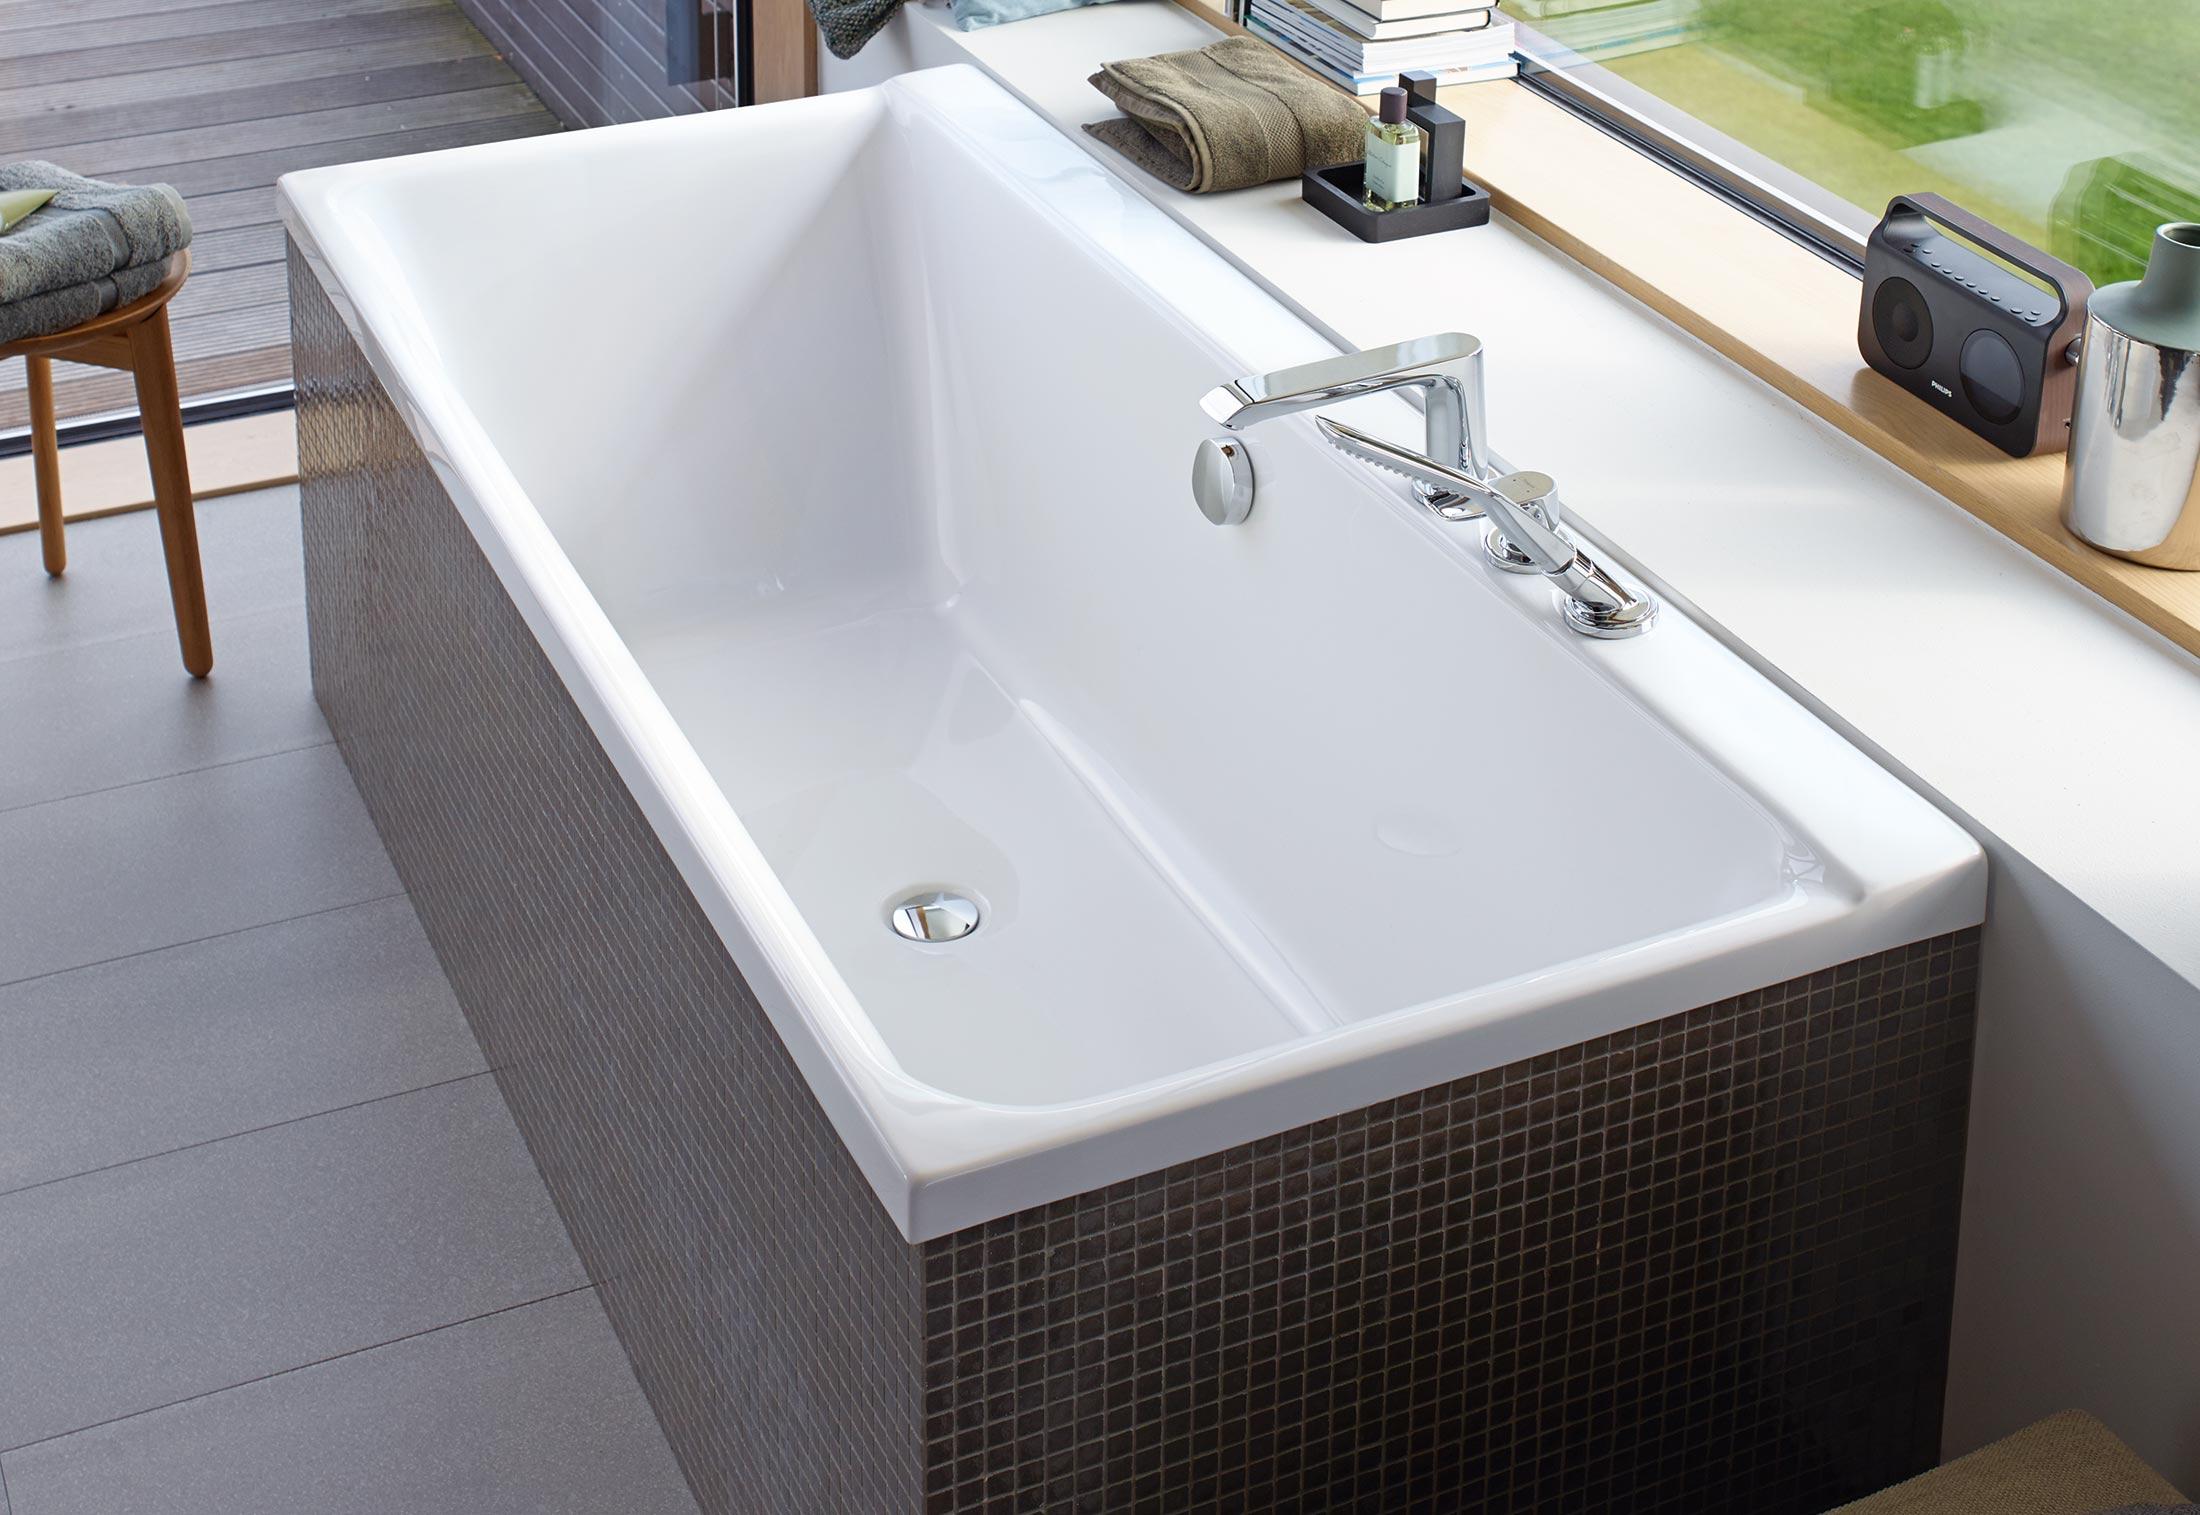 p3 comforts badewanne von duravit stylepark. Black Bedroom Furniture Sets. Home Design Ideas